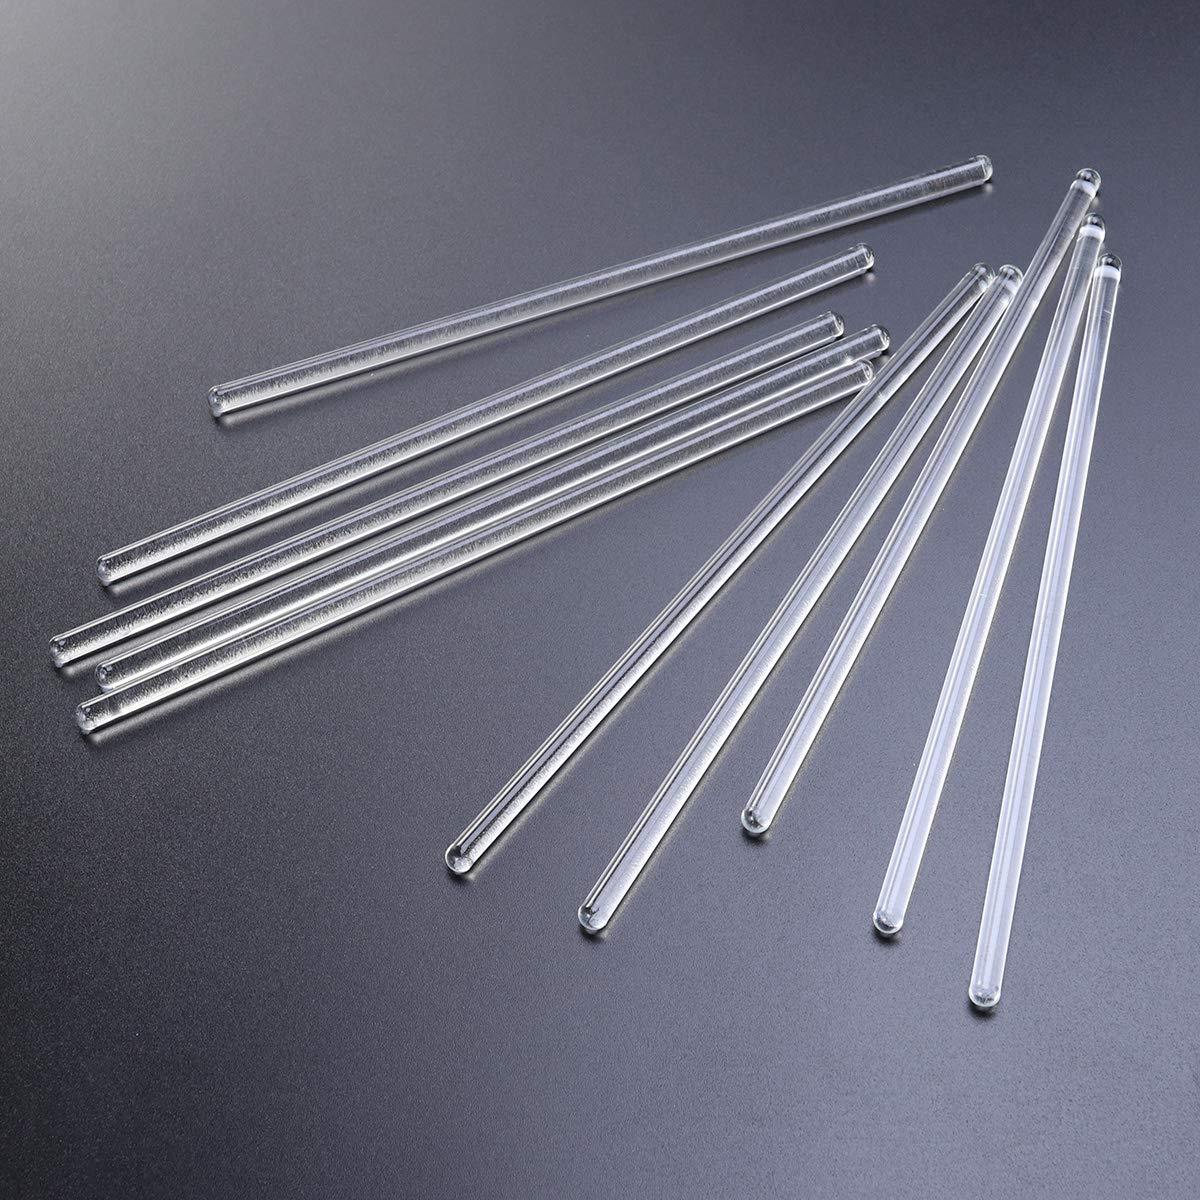 agitatore in vetro per mescolare bevande o cocktail caldi o freddi 10 pezzi UKCOCO resistente alle alte temperature